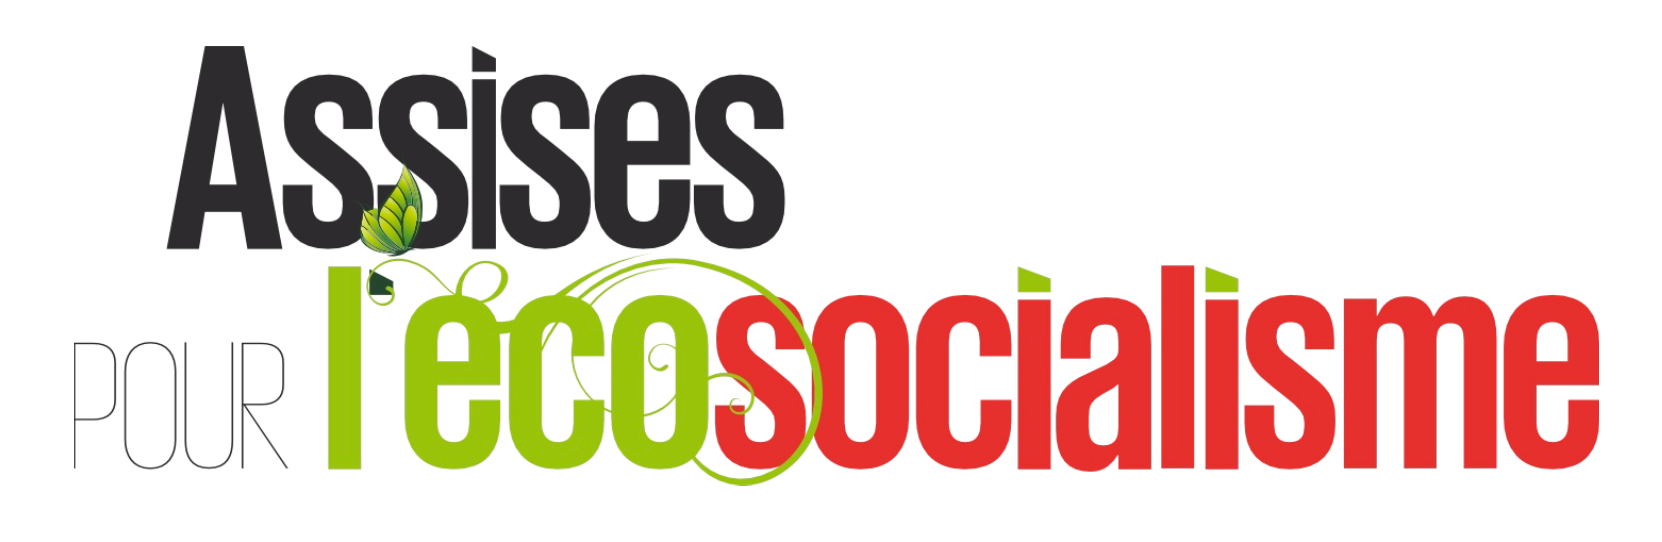 Manifeste pour l'écosocialisme